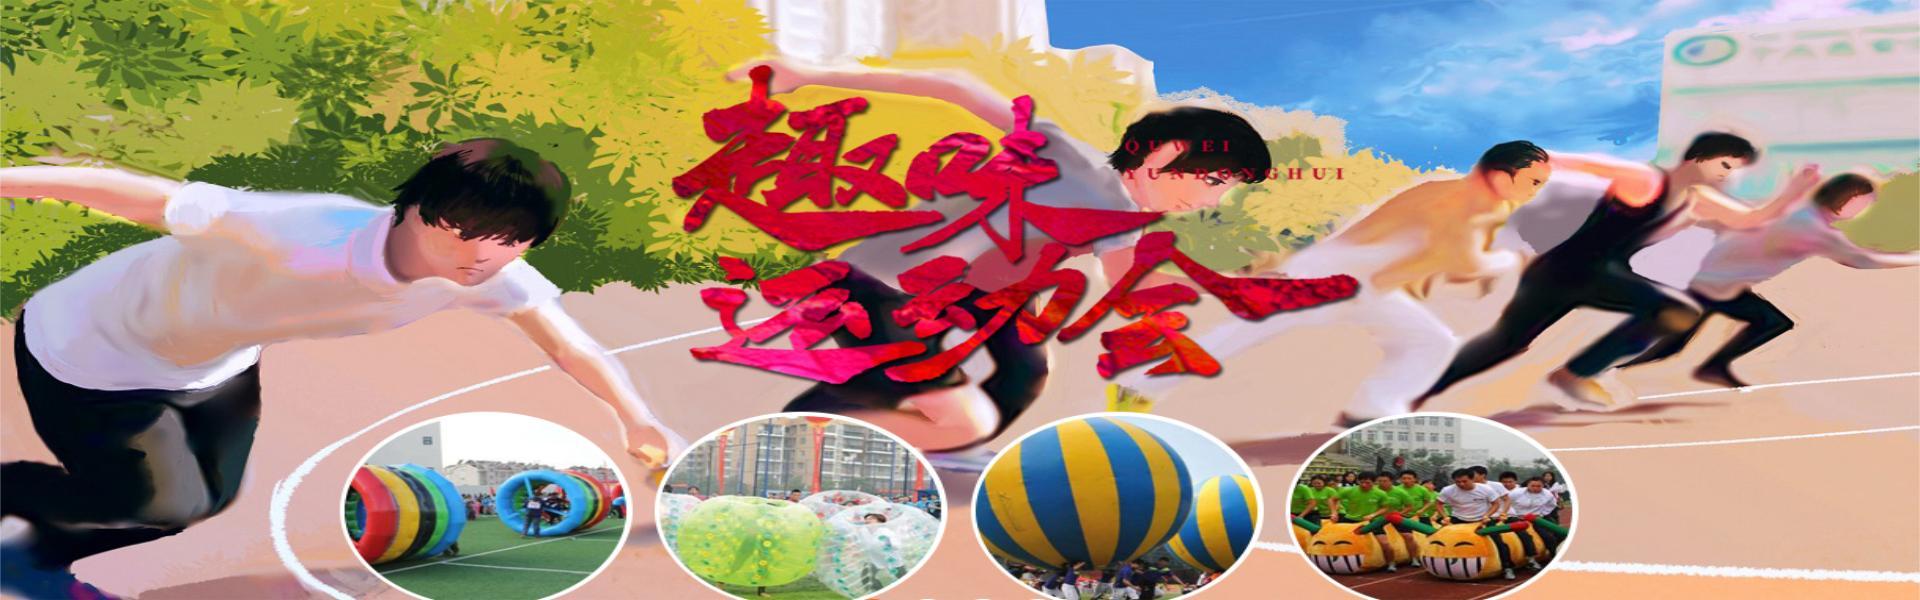 广州户外趣味运动会